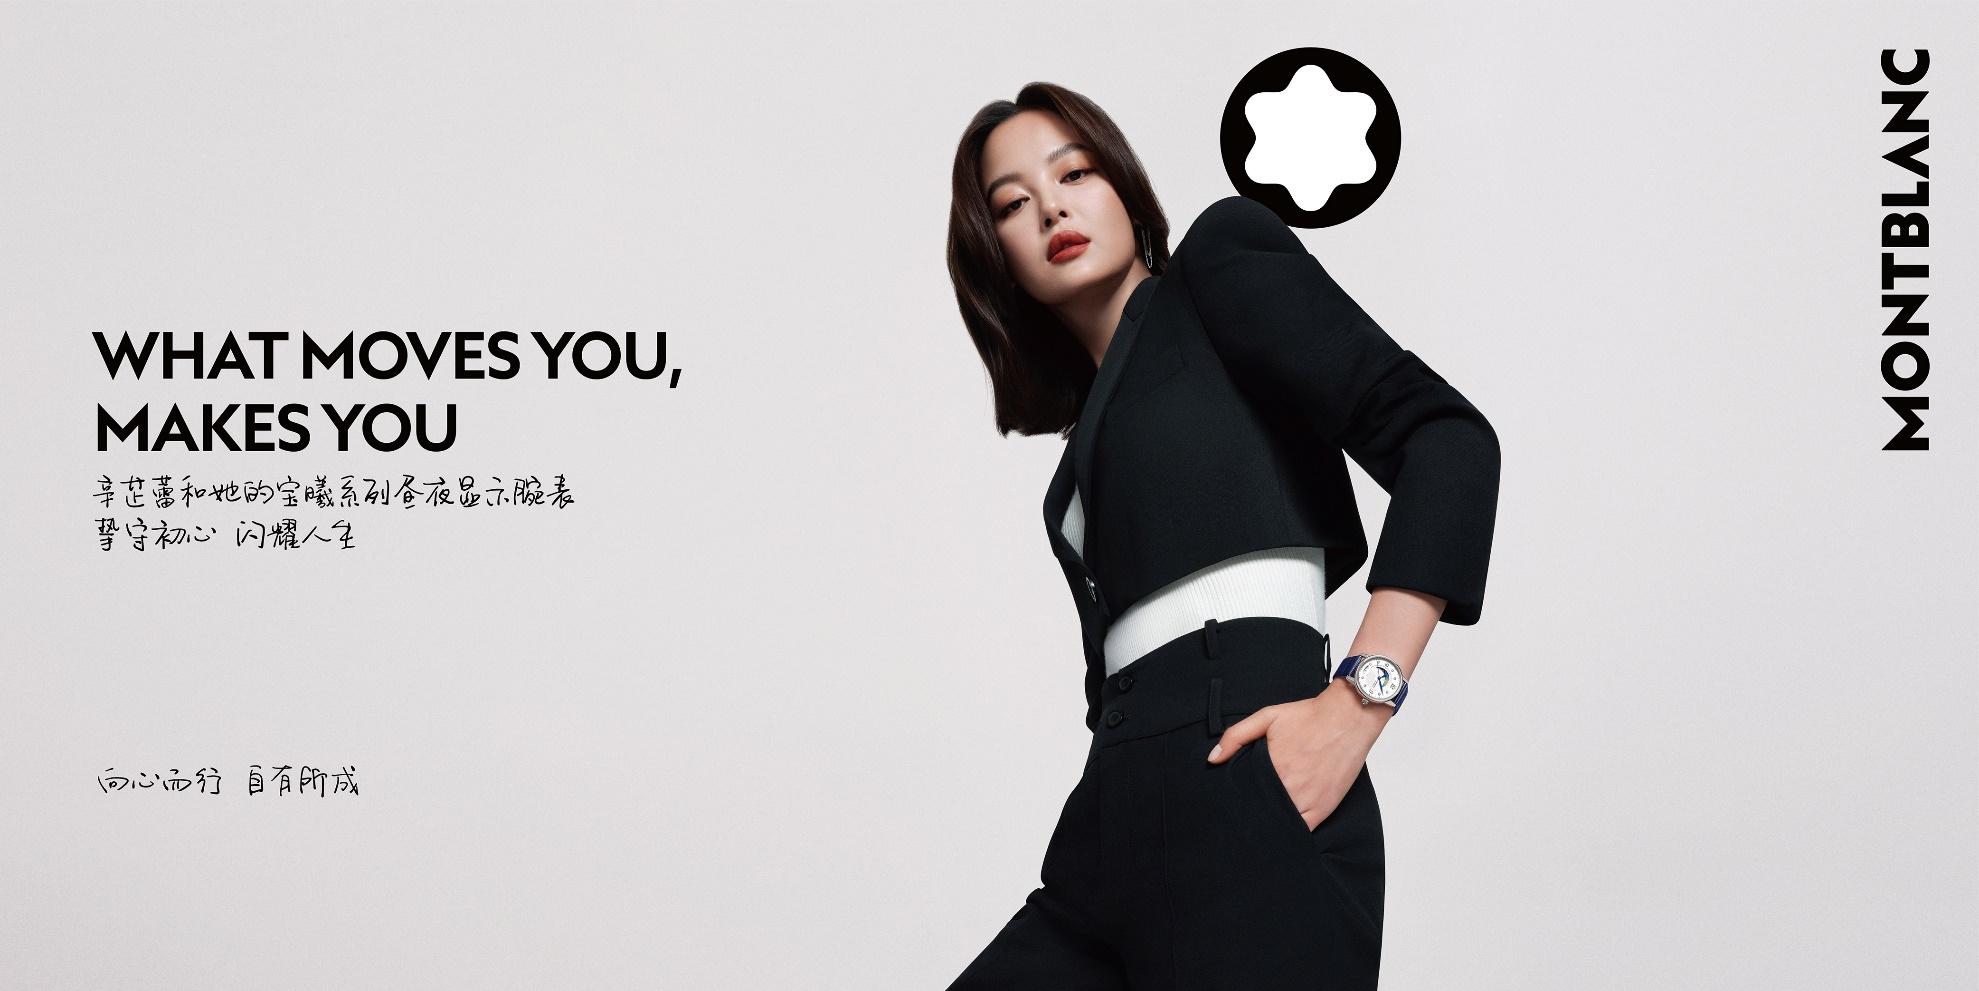 万宝龙品牌大使辛芷蕾和她的宝曦系列昼夜显示腕表